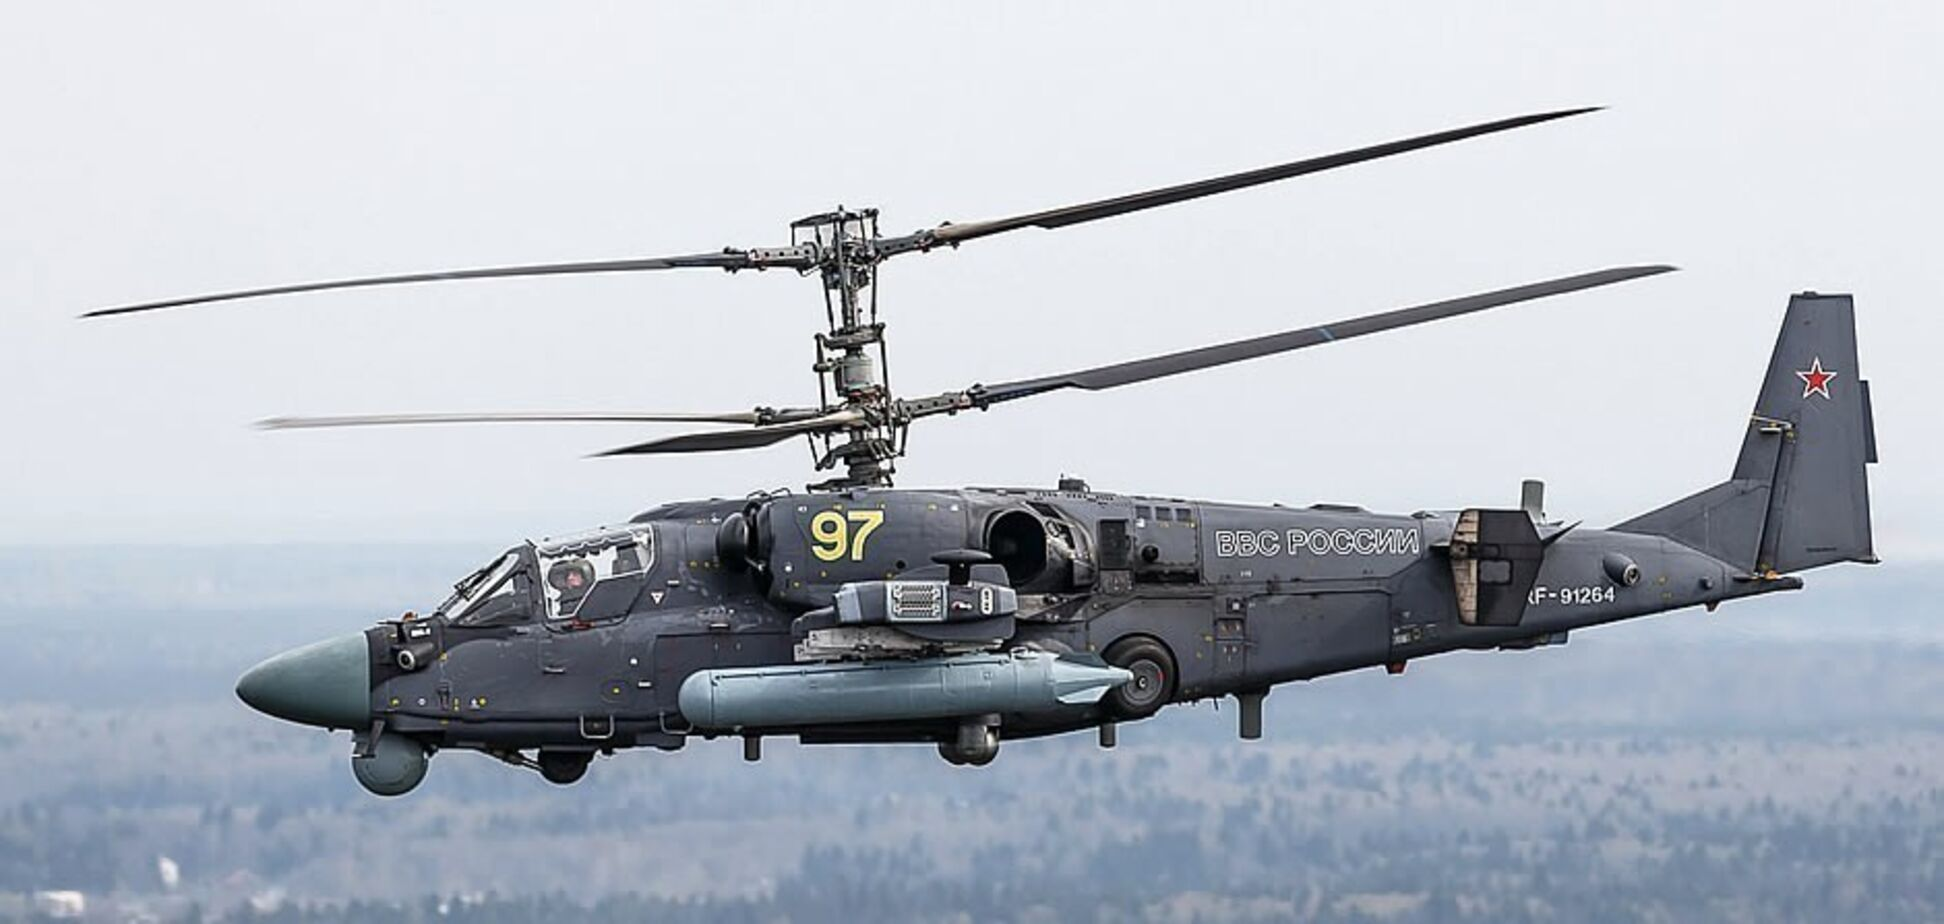 В Сирии разбился российский вертолет: есть погибшие